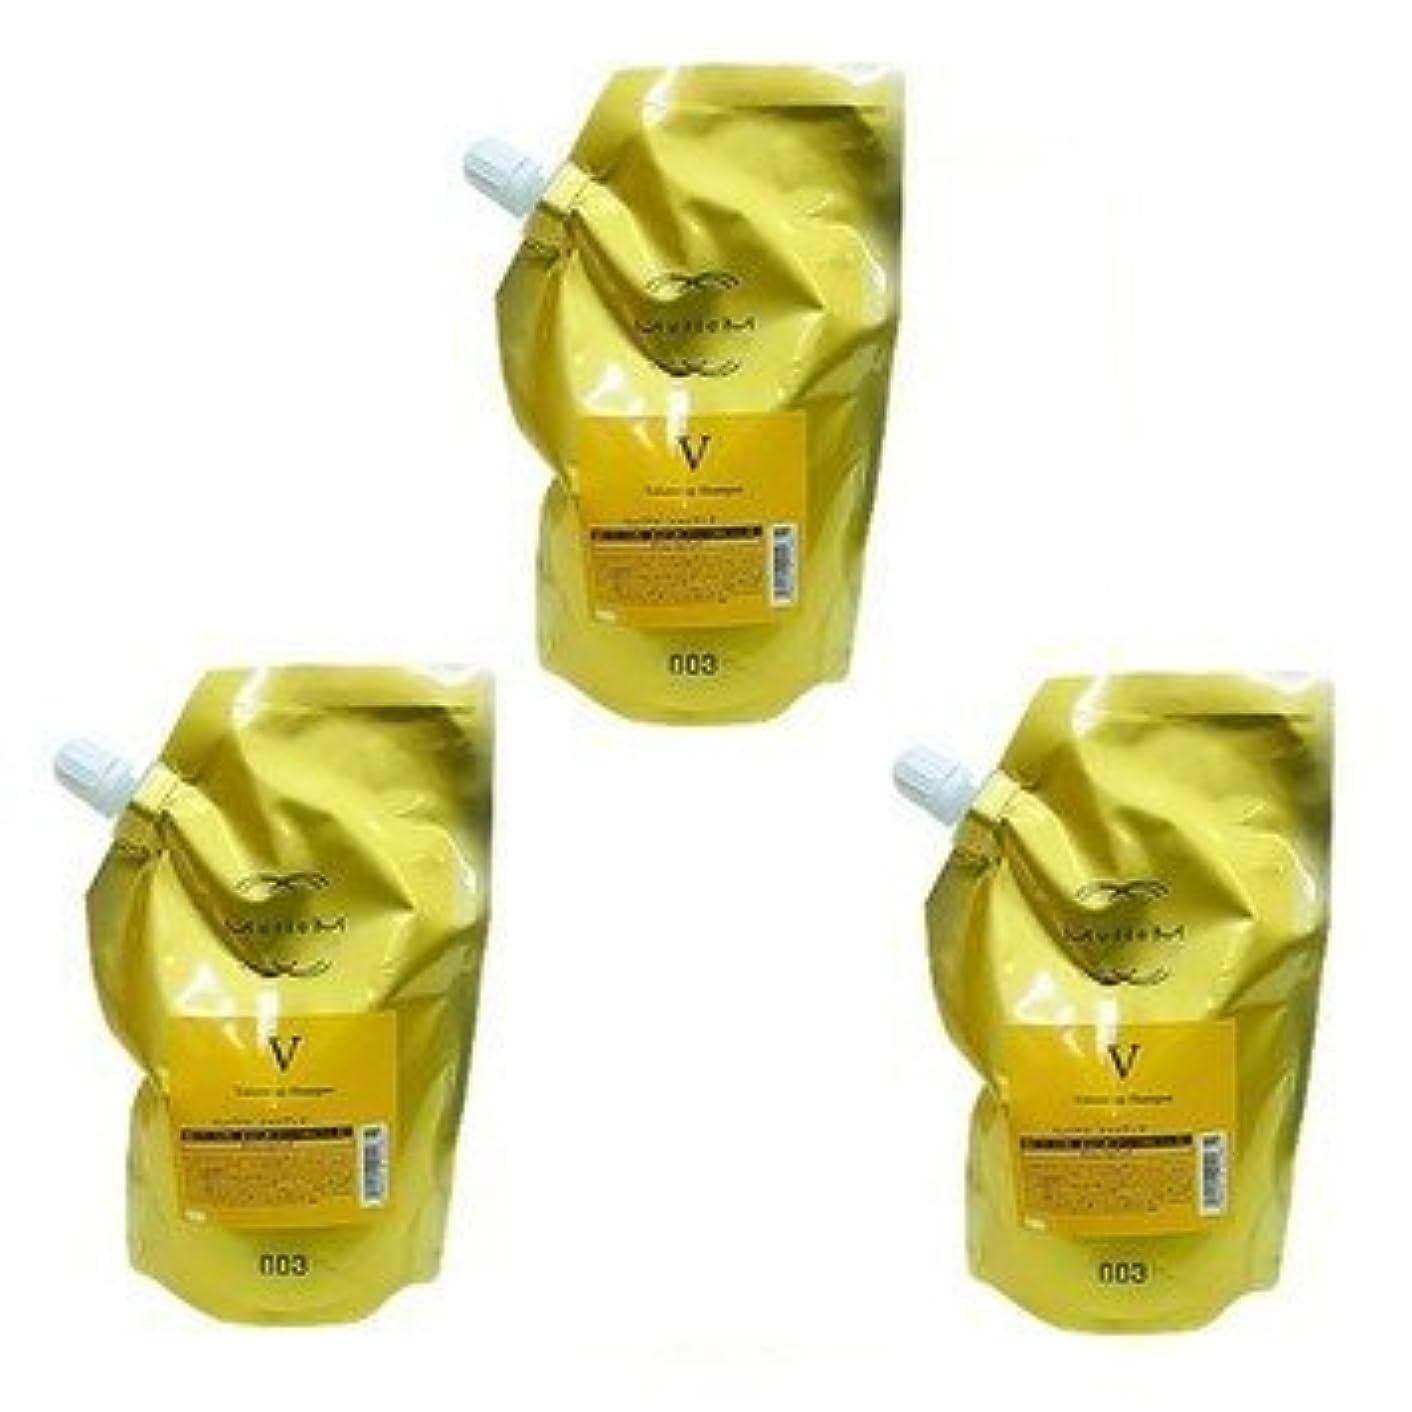 ピット知り合いになるリゾート【X3個セット】 ナンバースリー ミュリアム ゴールド シャンプー V 500ml 詰替え用